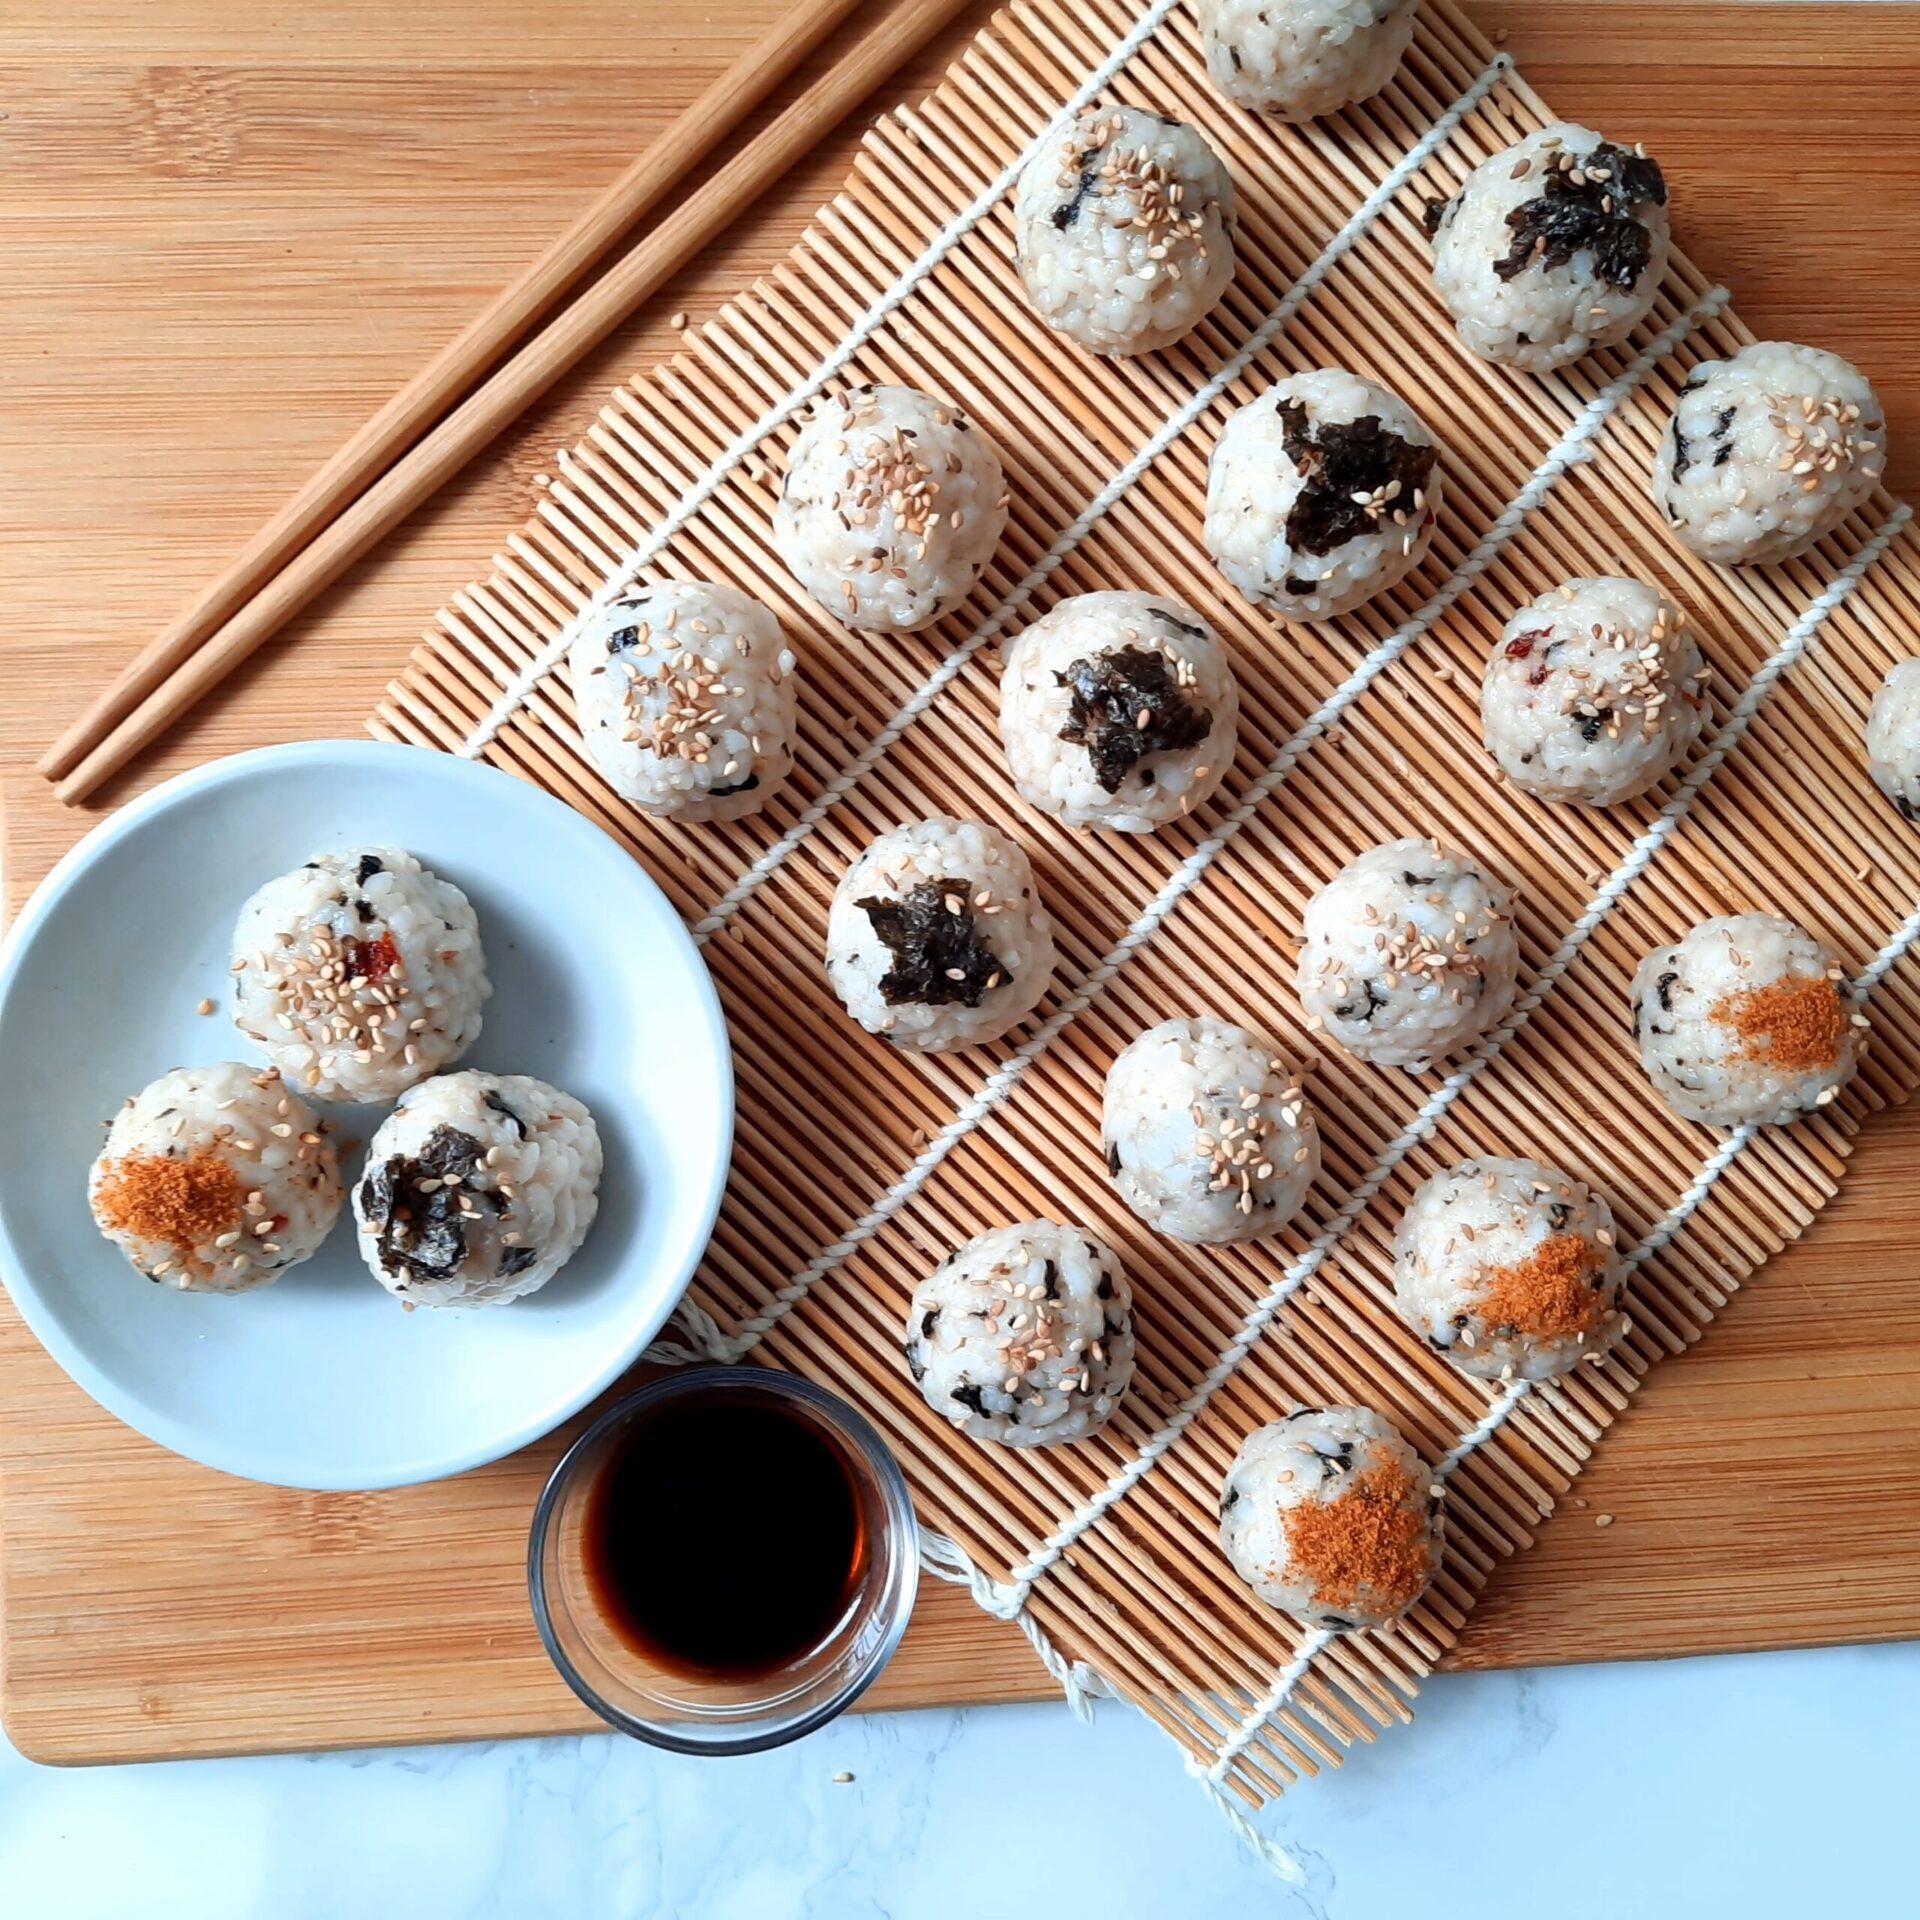 Jumeok-bap: Korean seaweed rice balls